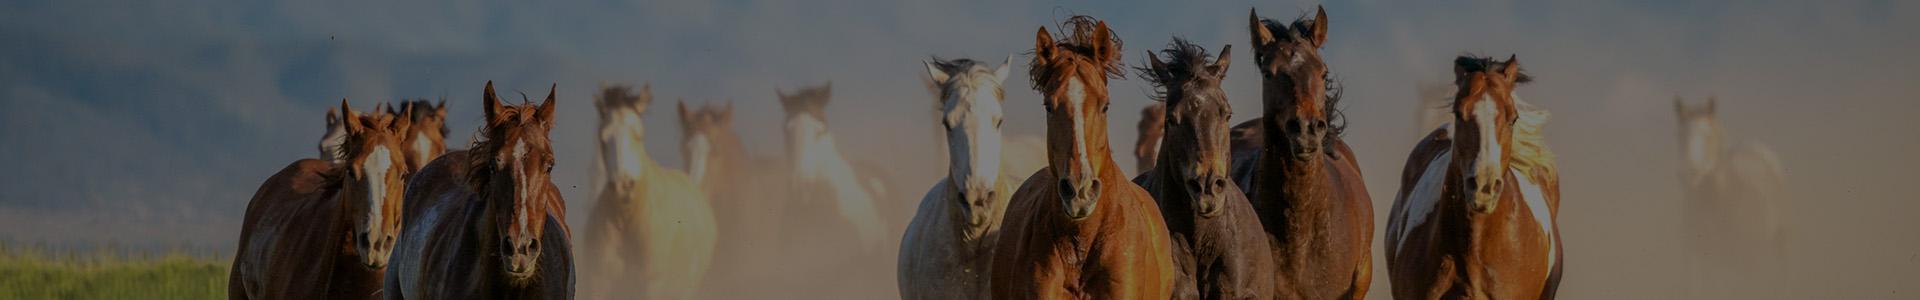 konie w biegu - banner